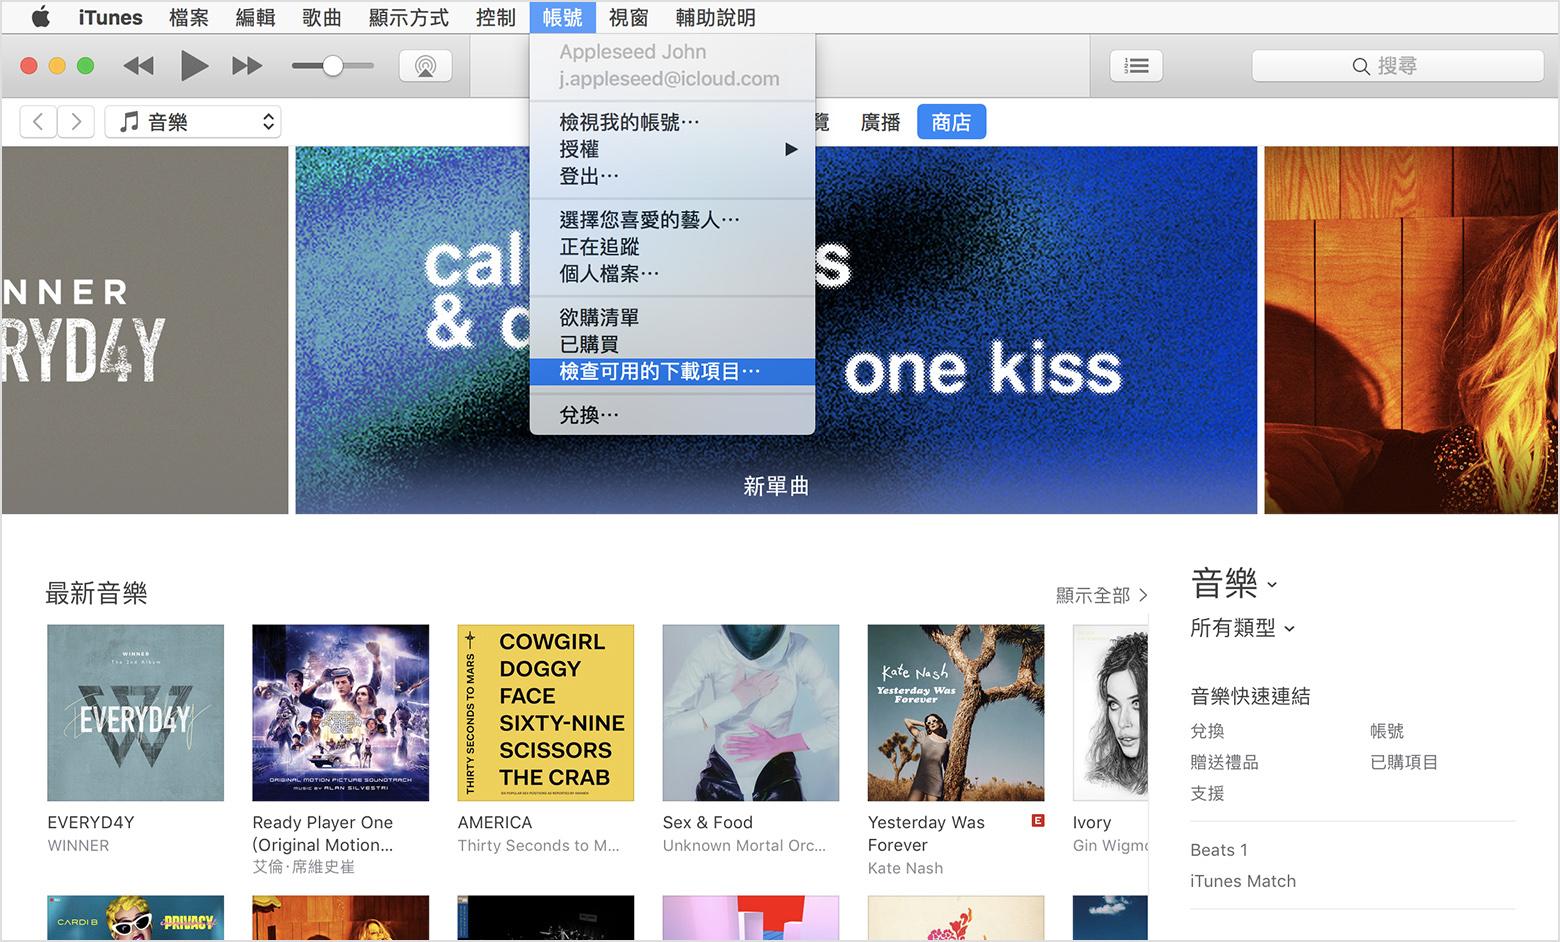 如果 iTunes Store 的音樂,電影或電視節目突然停止下載 - Apple 支援